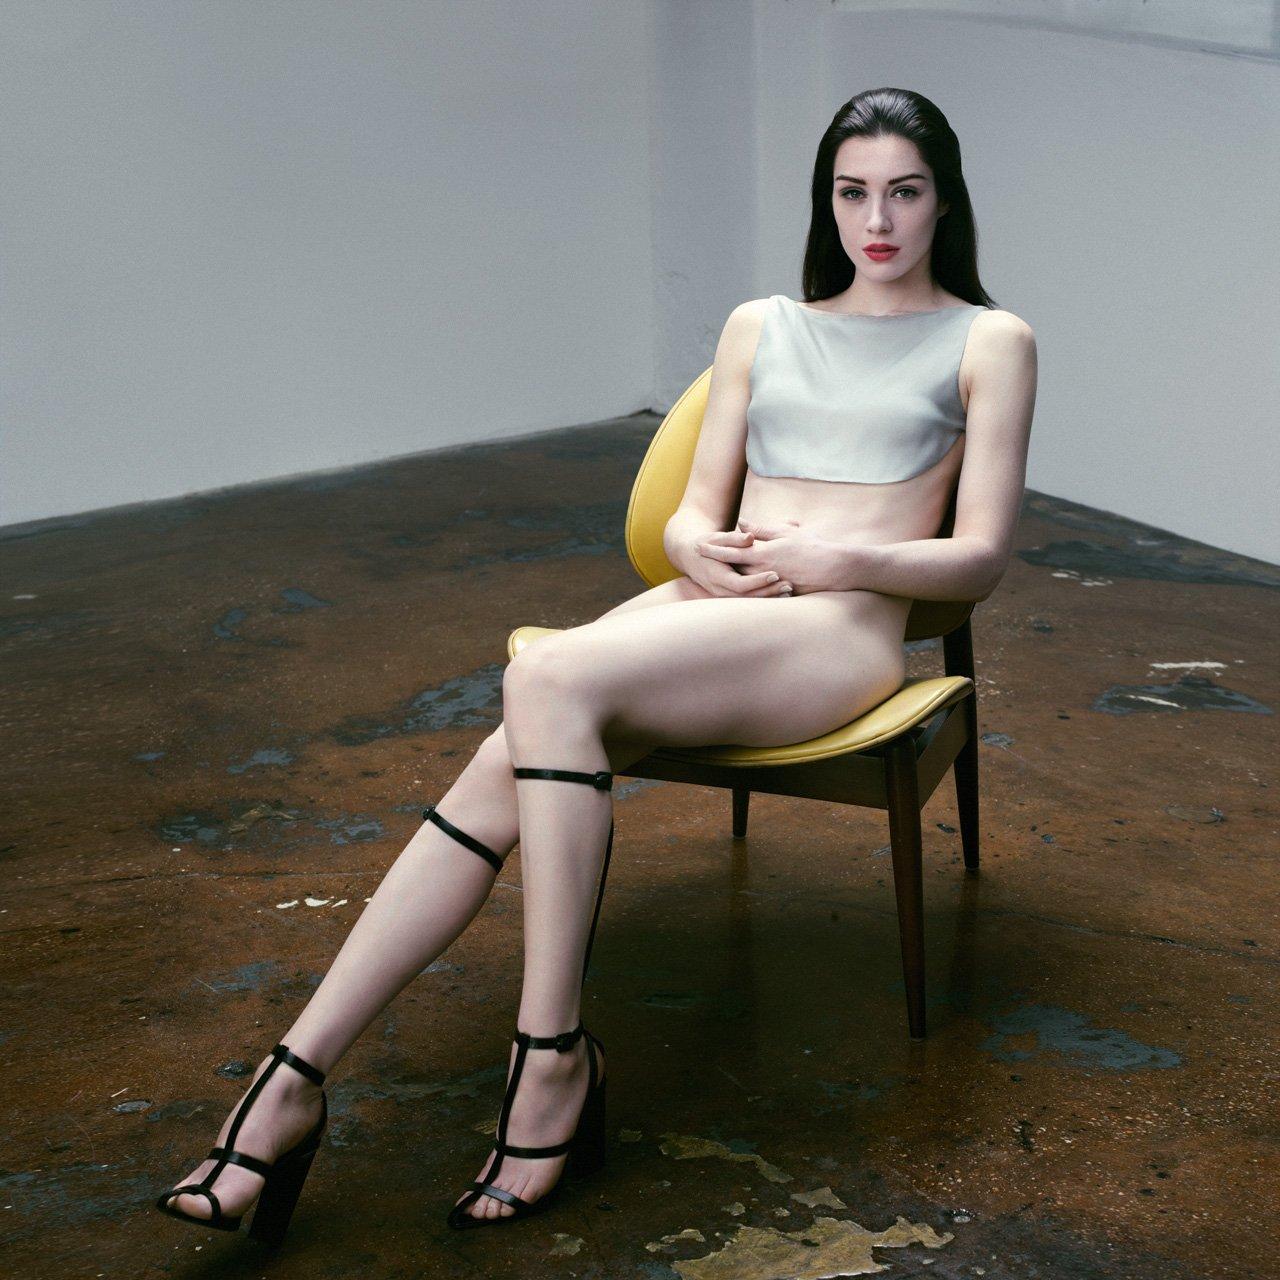 Сколько стоит переспать с порно актрисой 27 фотография